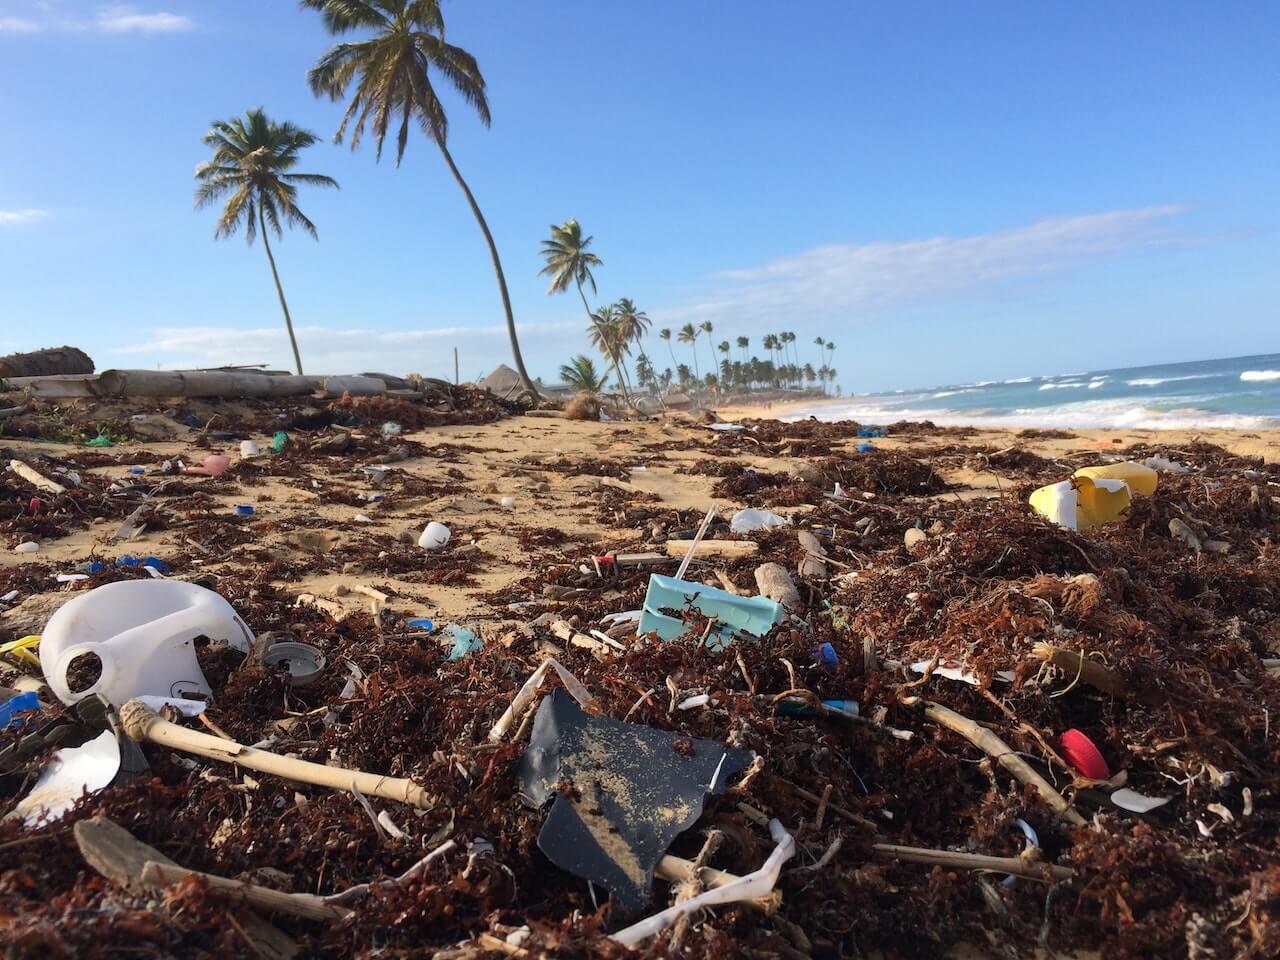 Déchets plastique entassés sur une plage tropicale